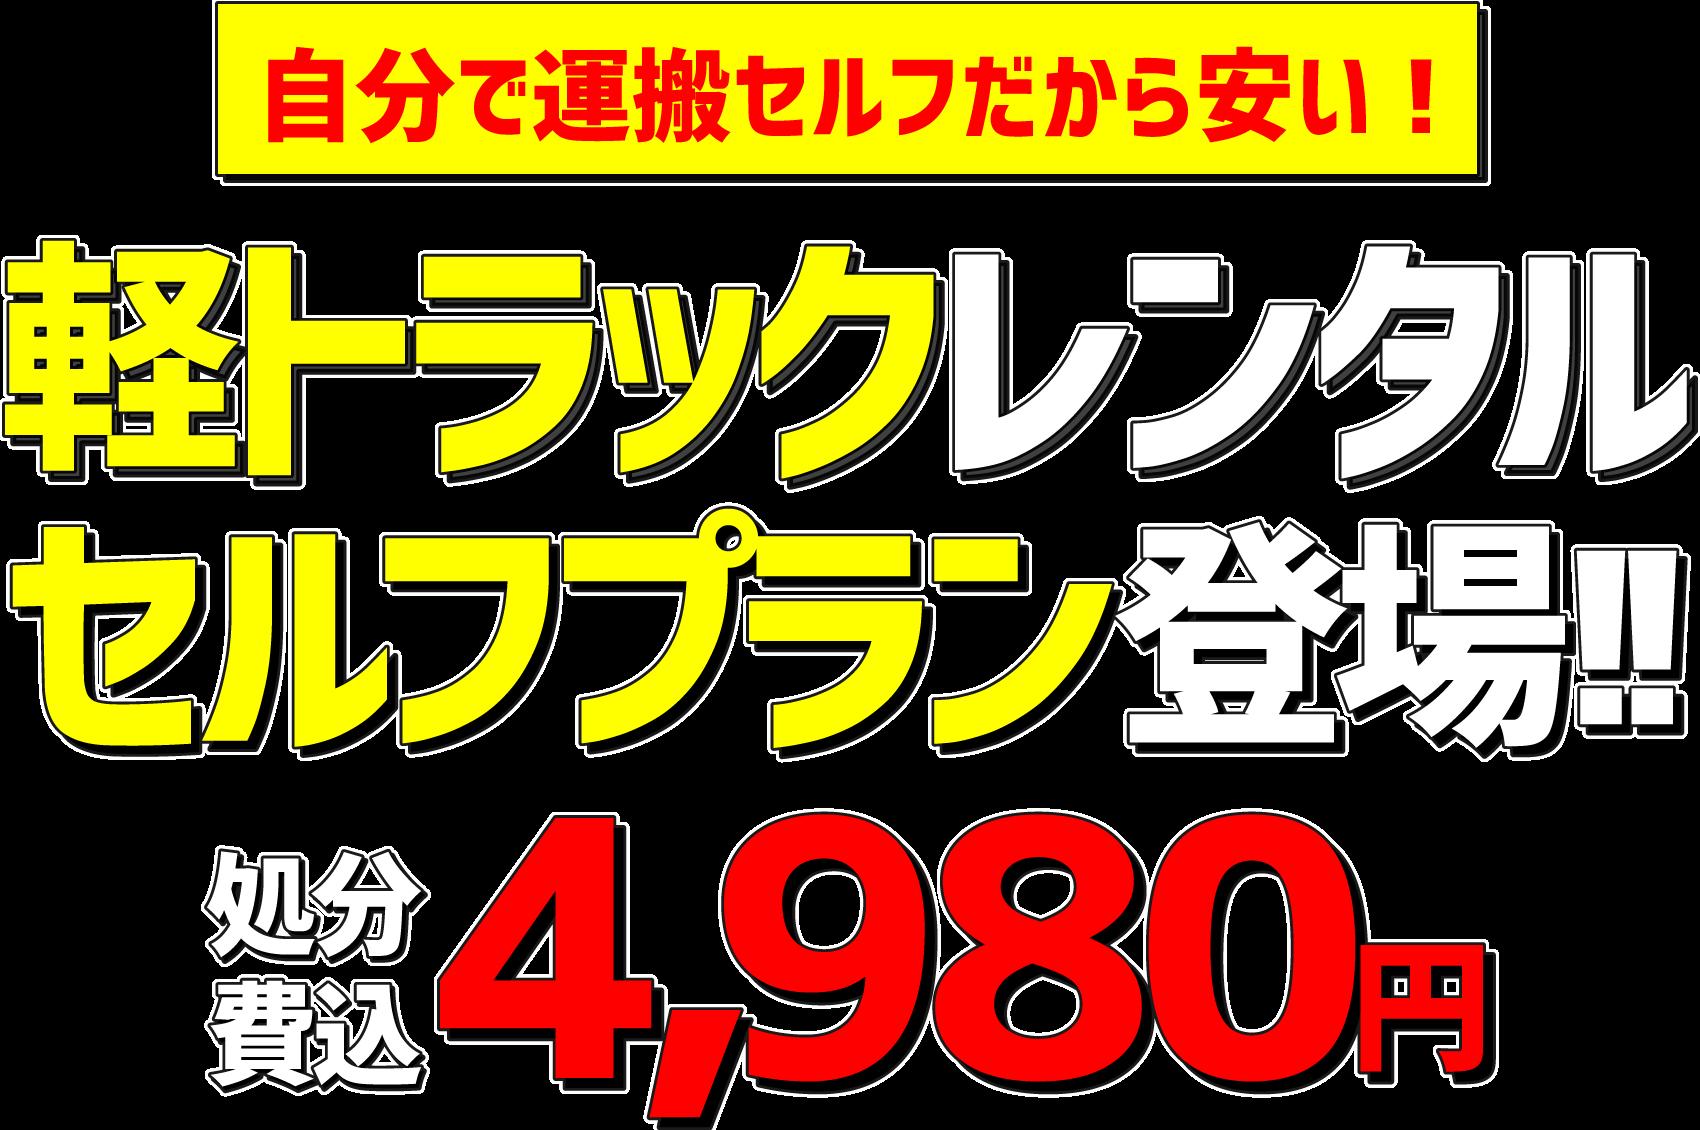 軽トラックレンタル セルフプラン登場!!